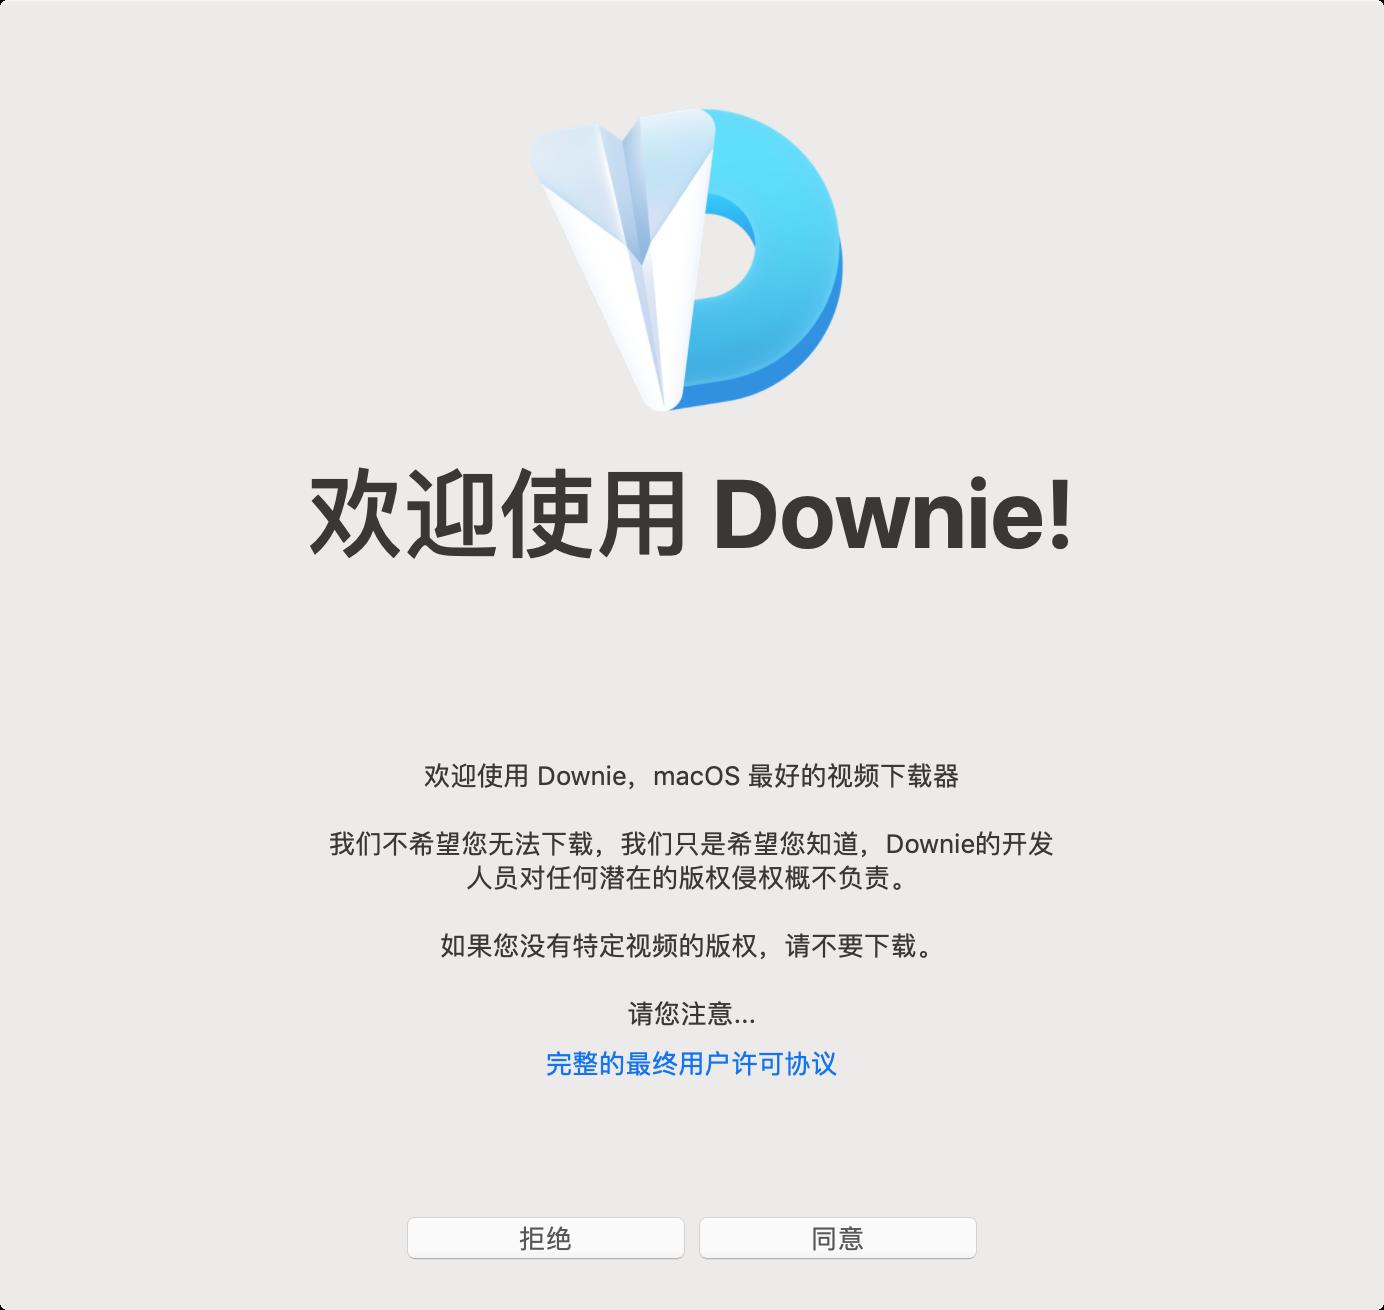 Downie 3.9.11中文版